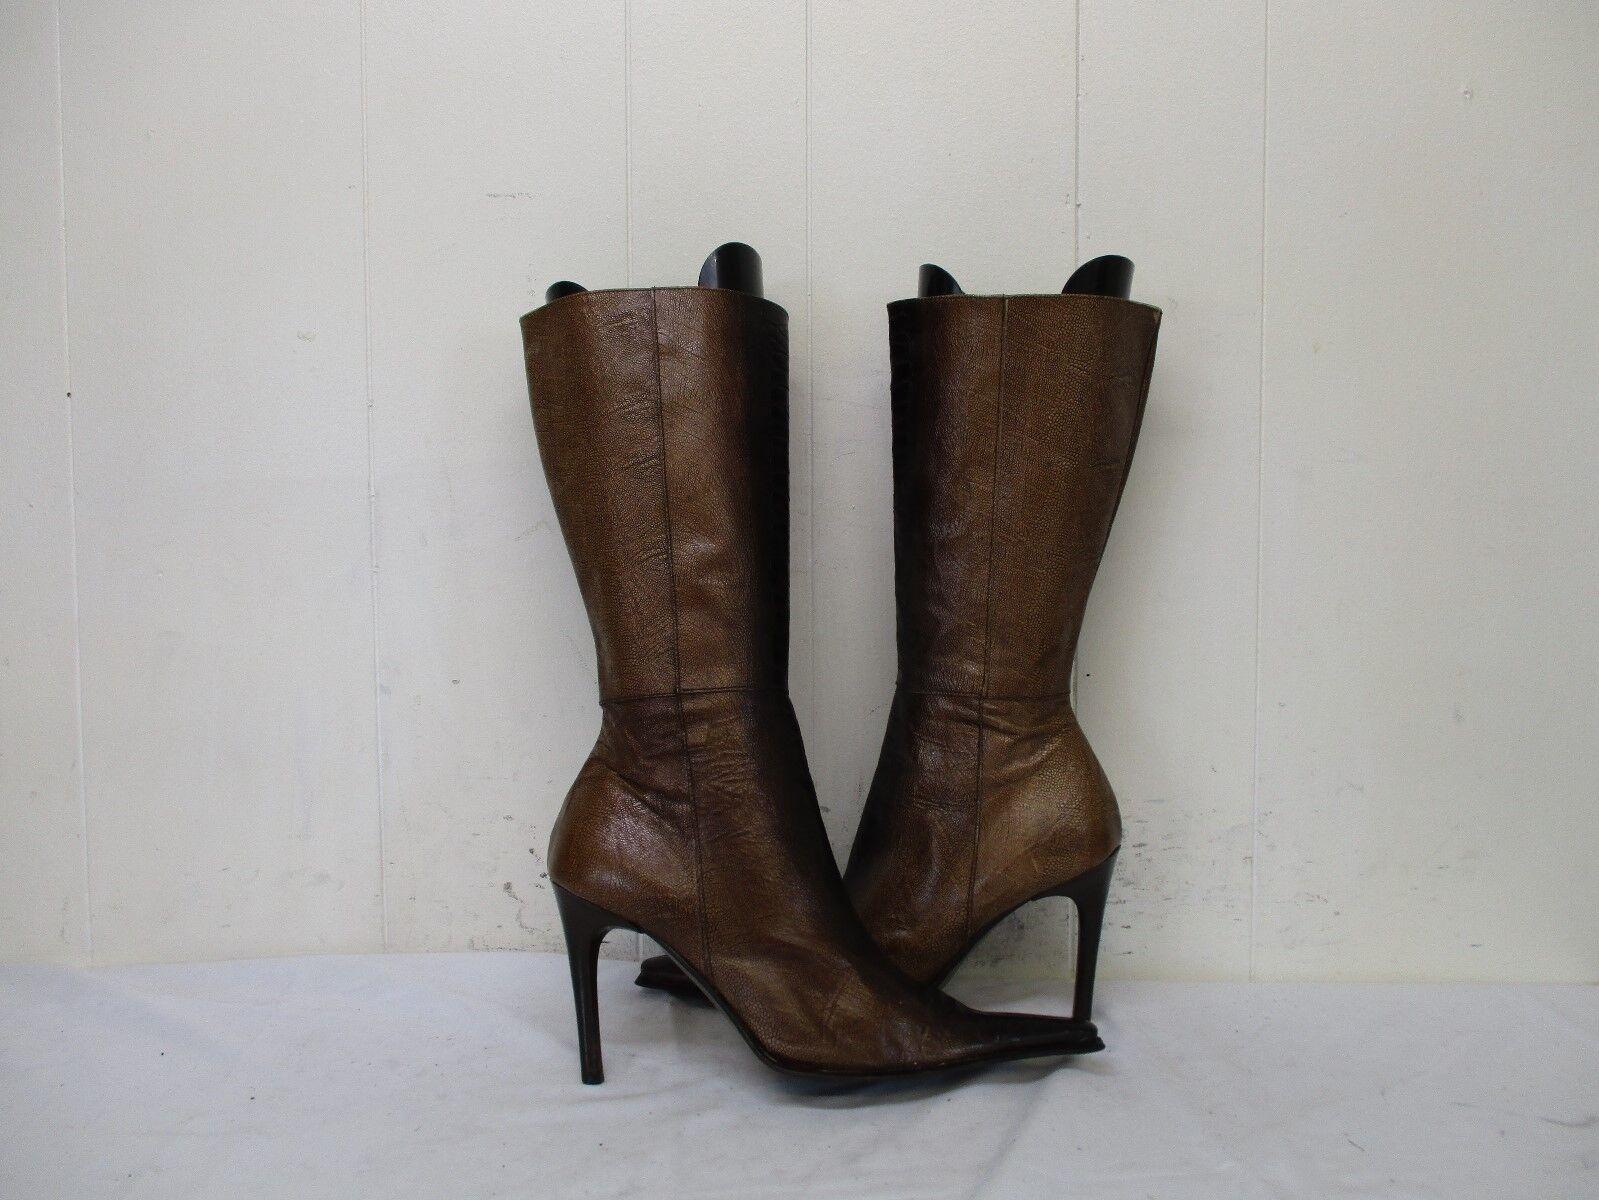 L'AUTRE FEMME Braun Fashion Ostrich Leg Leder Zip Fashion Braun Stiefel Damenschuhe Größe 37 EUR 638680